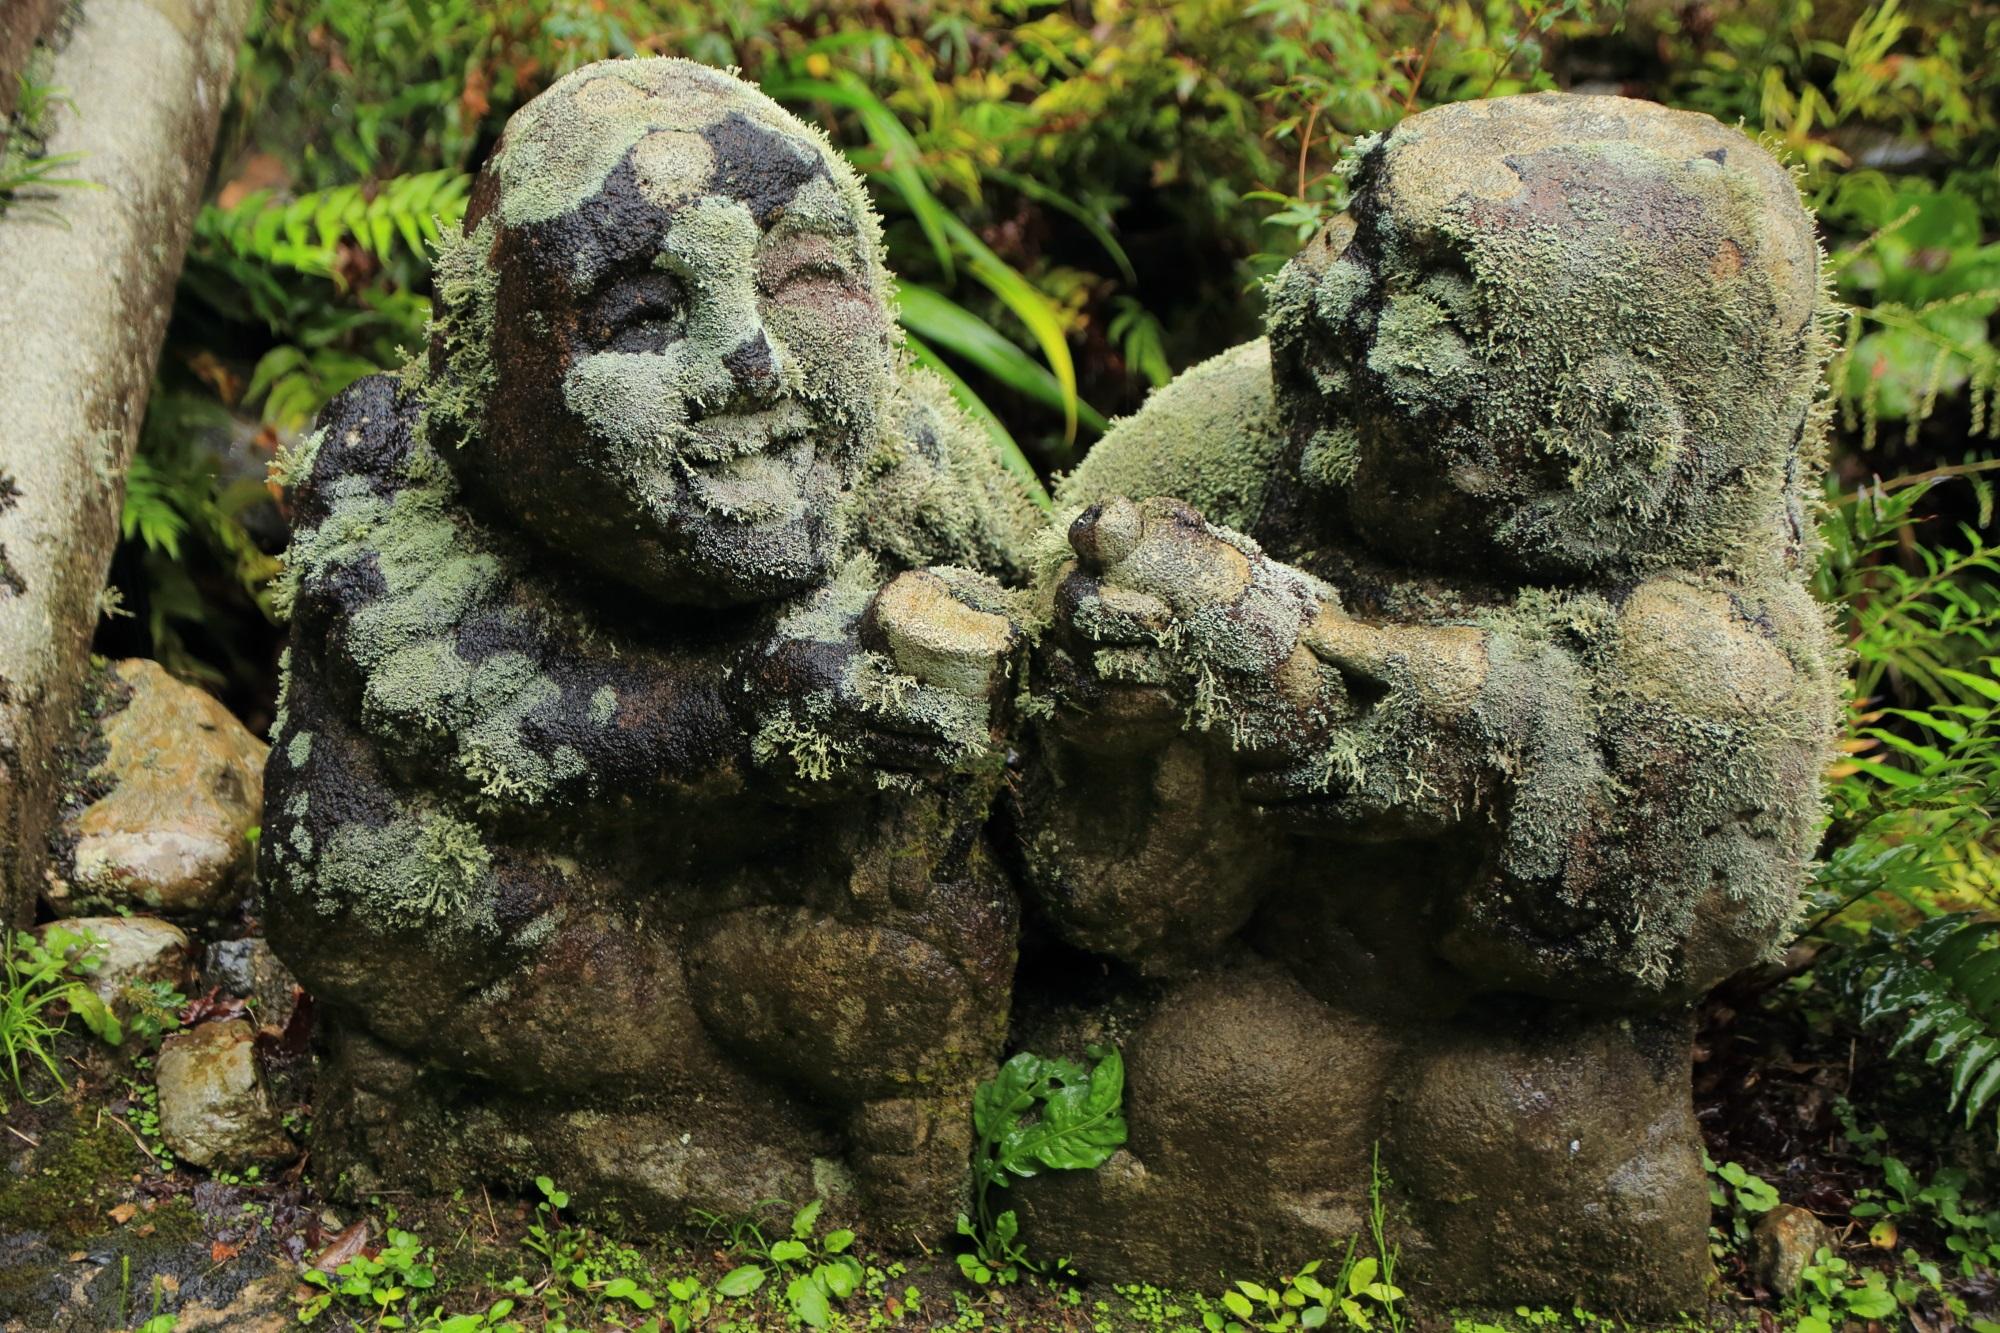 愛宕念仏寺の晩酌の千二百羅漢